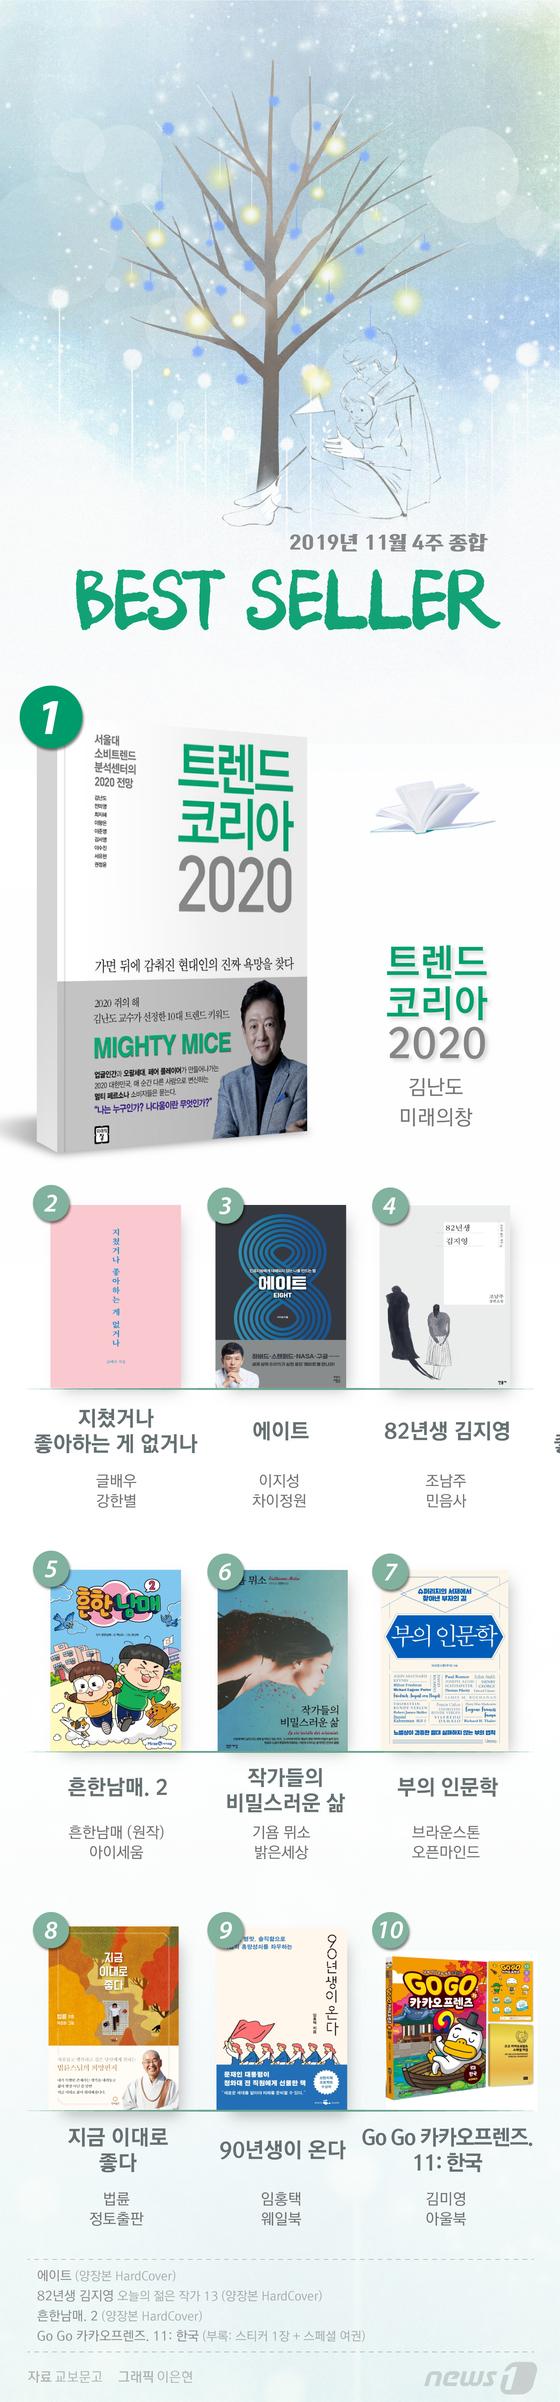 [그래픽뉴스] 11월 4주 종합 베스트셀러